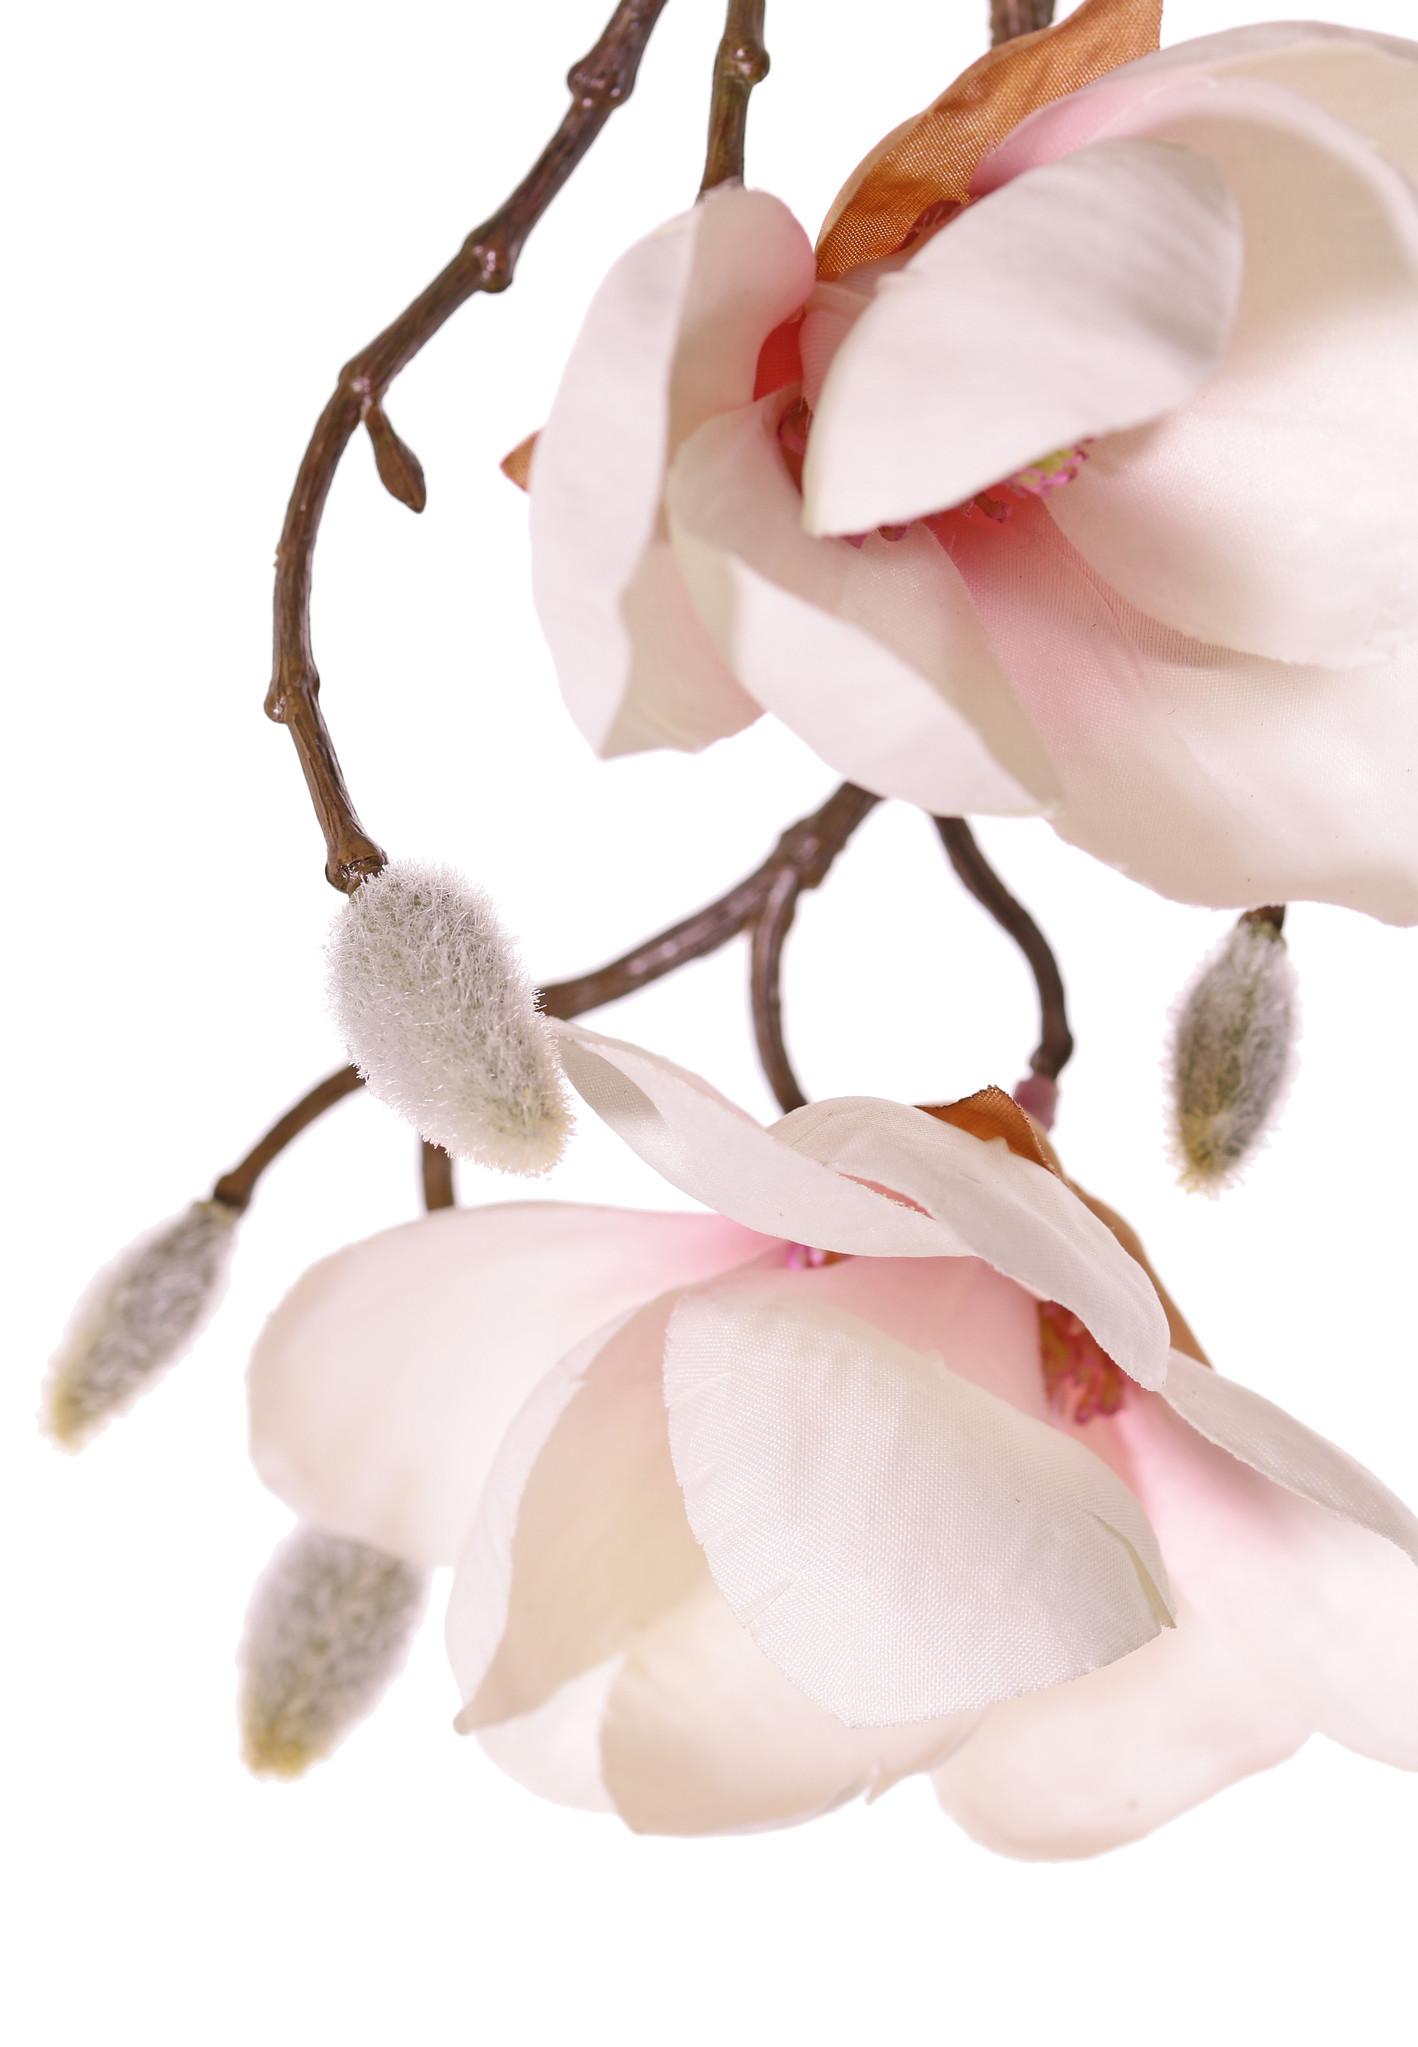 Magnolia hanger maxi met 4 vertakkingen, 7 bloemen, 5 grote & 15 kleine knoppen, 115 cm